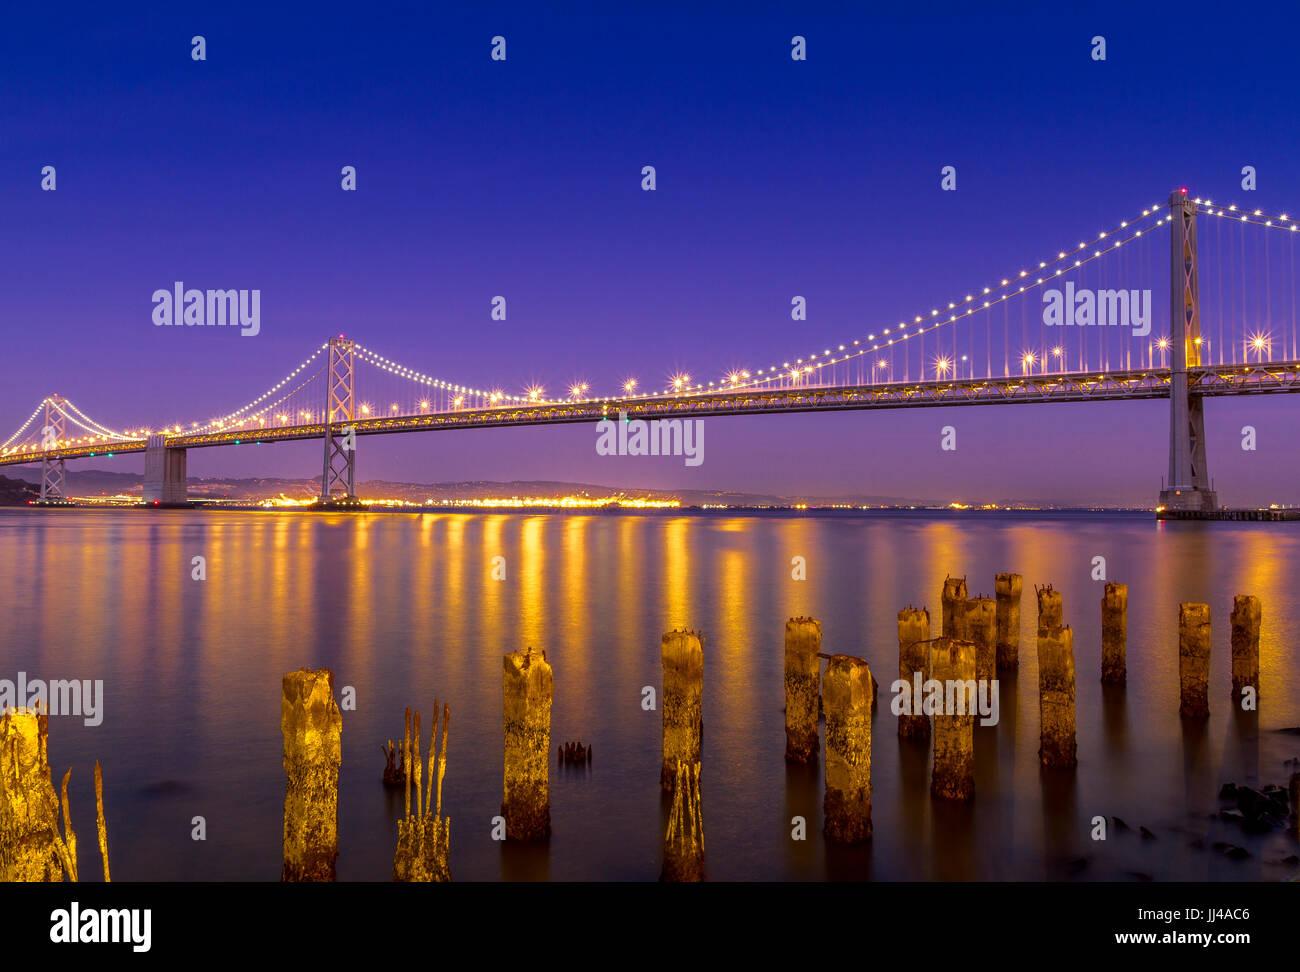 El puente de la bahía de Oakland por la noche. El puente conecta Oakland con San Francisco, San Francisco, California, Estados Unidos Foto de stock